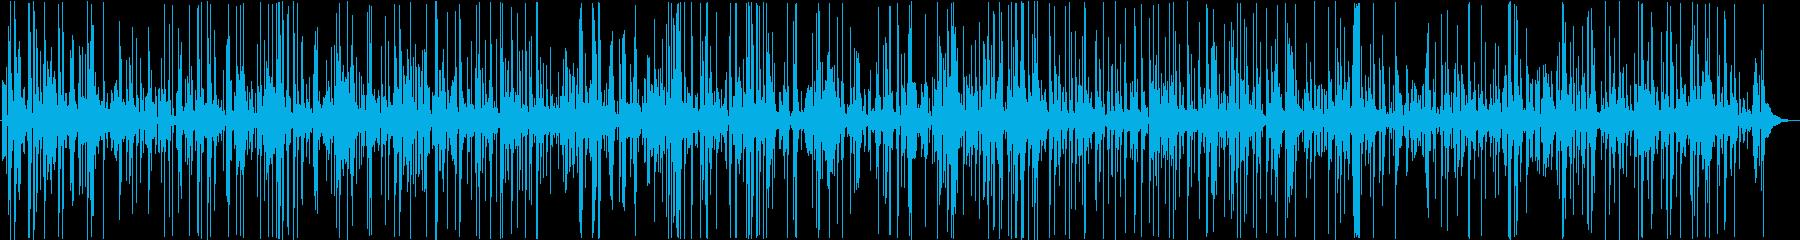 イメージ 引き裂かれた狂気01の再生済みの波形